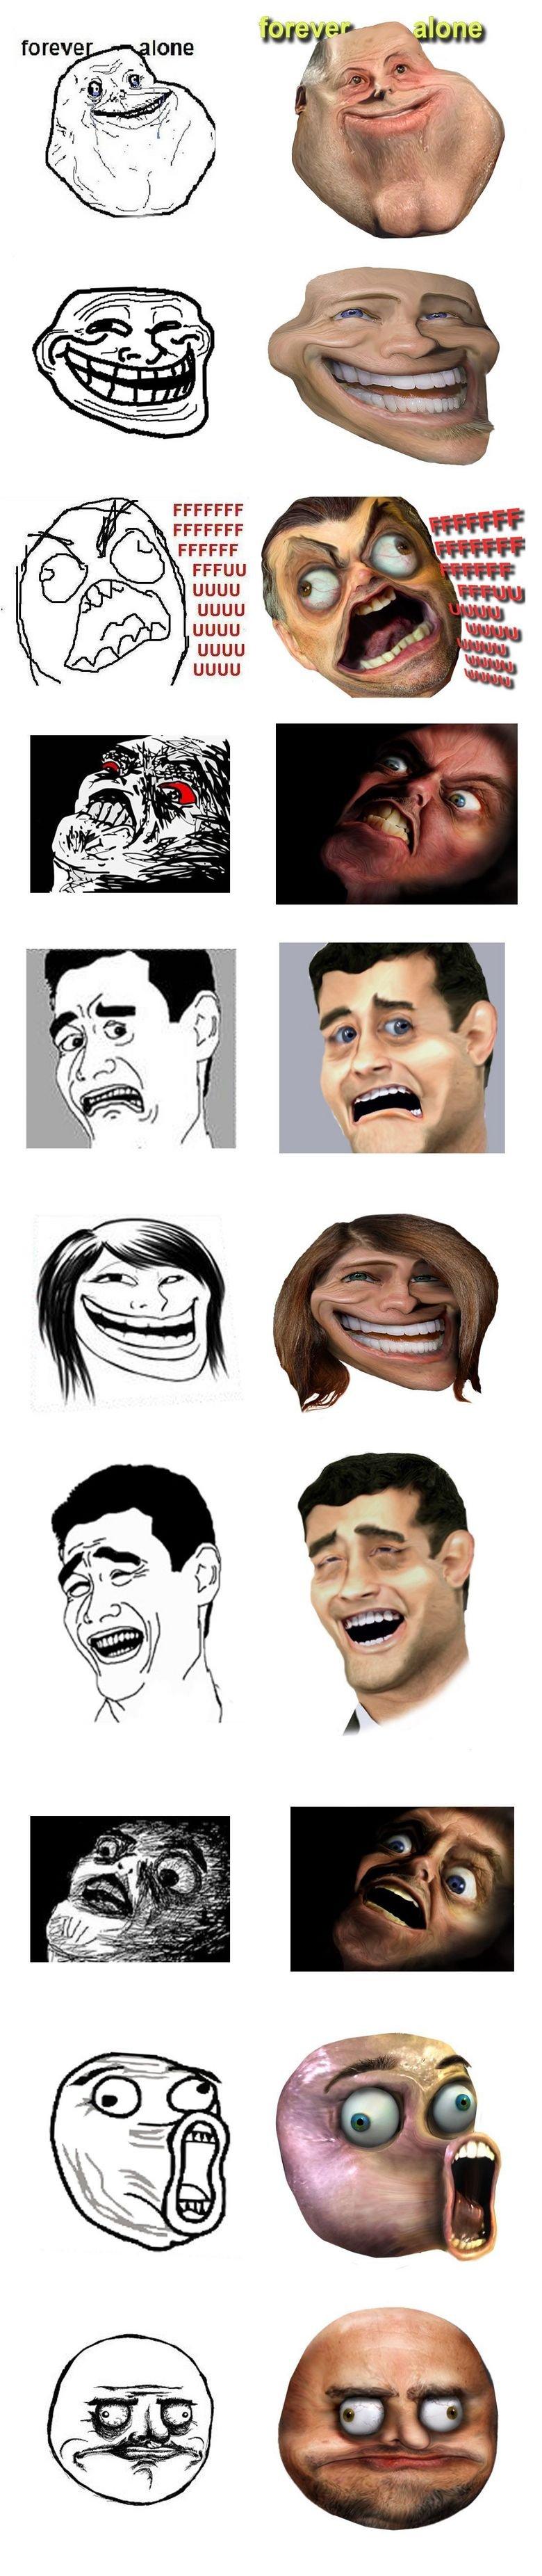 Shopped Faces. . c FFCCFF UGUU UGUU UGUU uguu UGUU. you forgot this one! Shopped Faces c FFCCFF UGUU uguu you forgot this one!